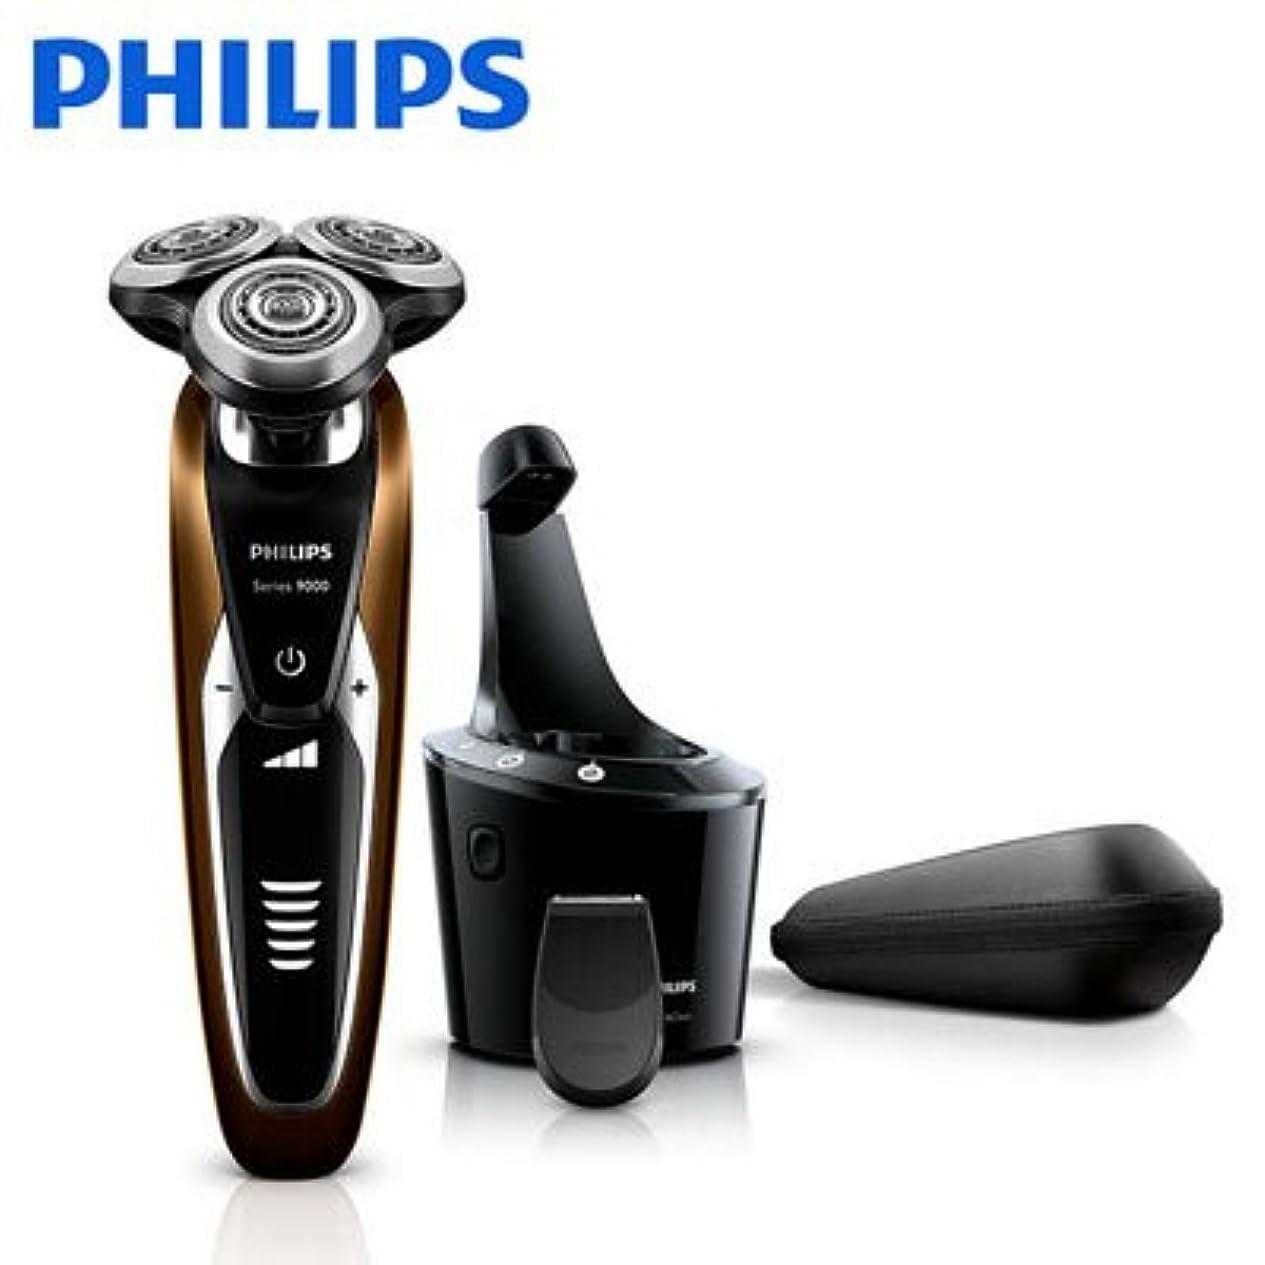 レイア忠実にベリーフィリップス メンズシェーバーPHILIPS 9000シリーズ ウェット&ドライ S9512/26